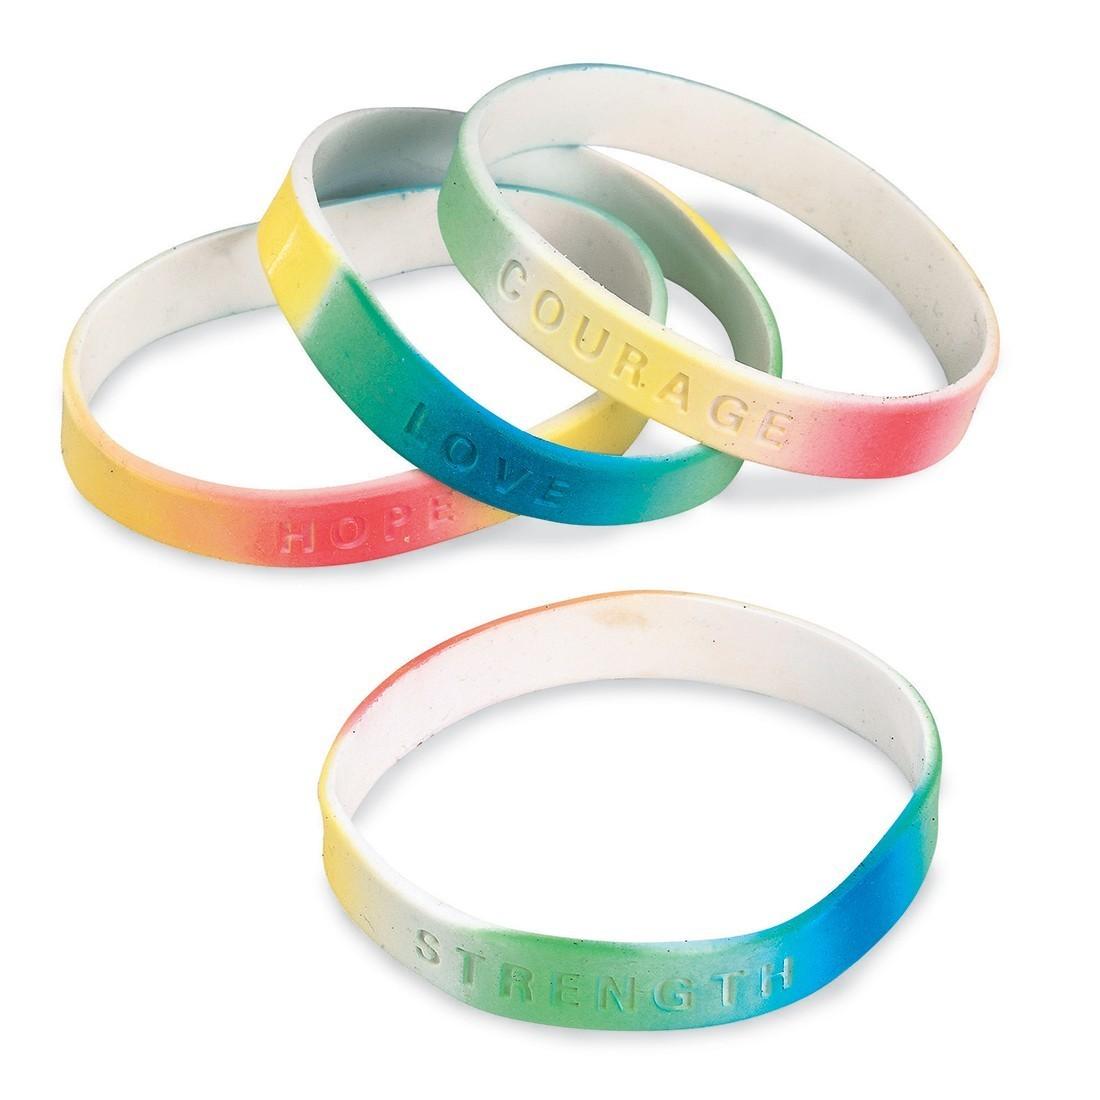 Tie Dye Power Bracelets [image]